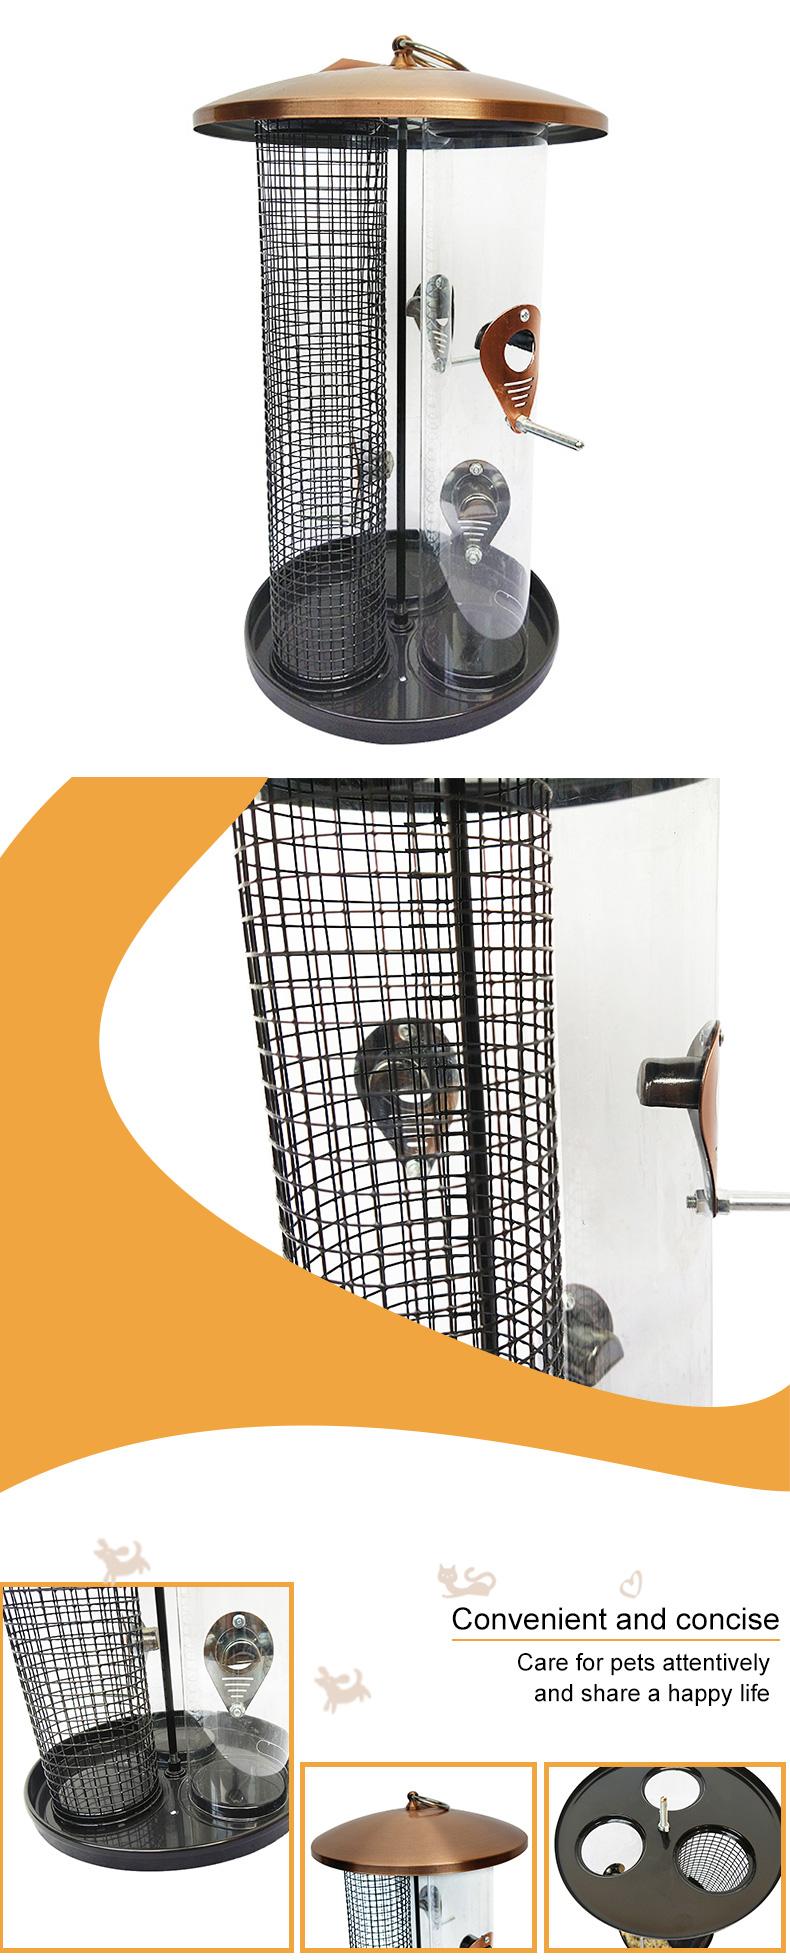 3 in 1 metal bird feeder pet supplies